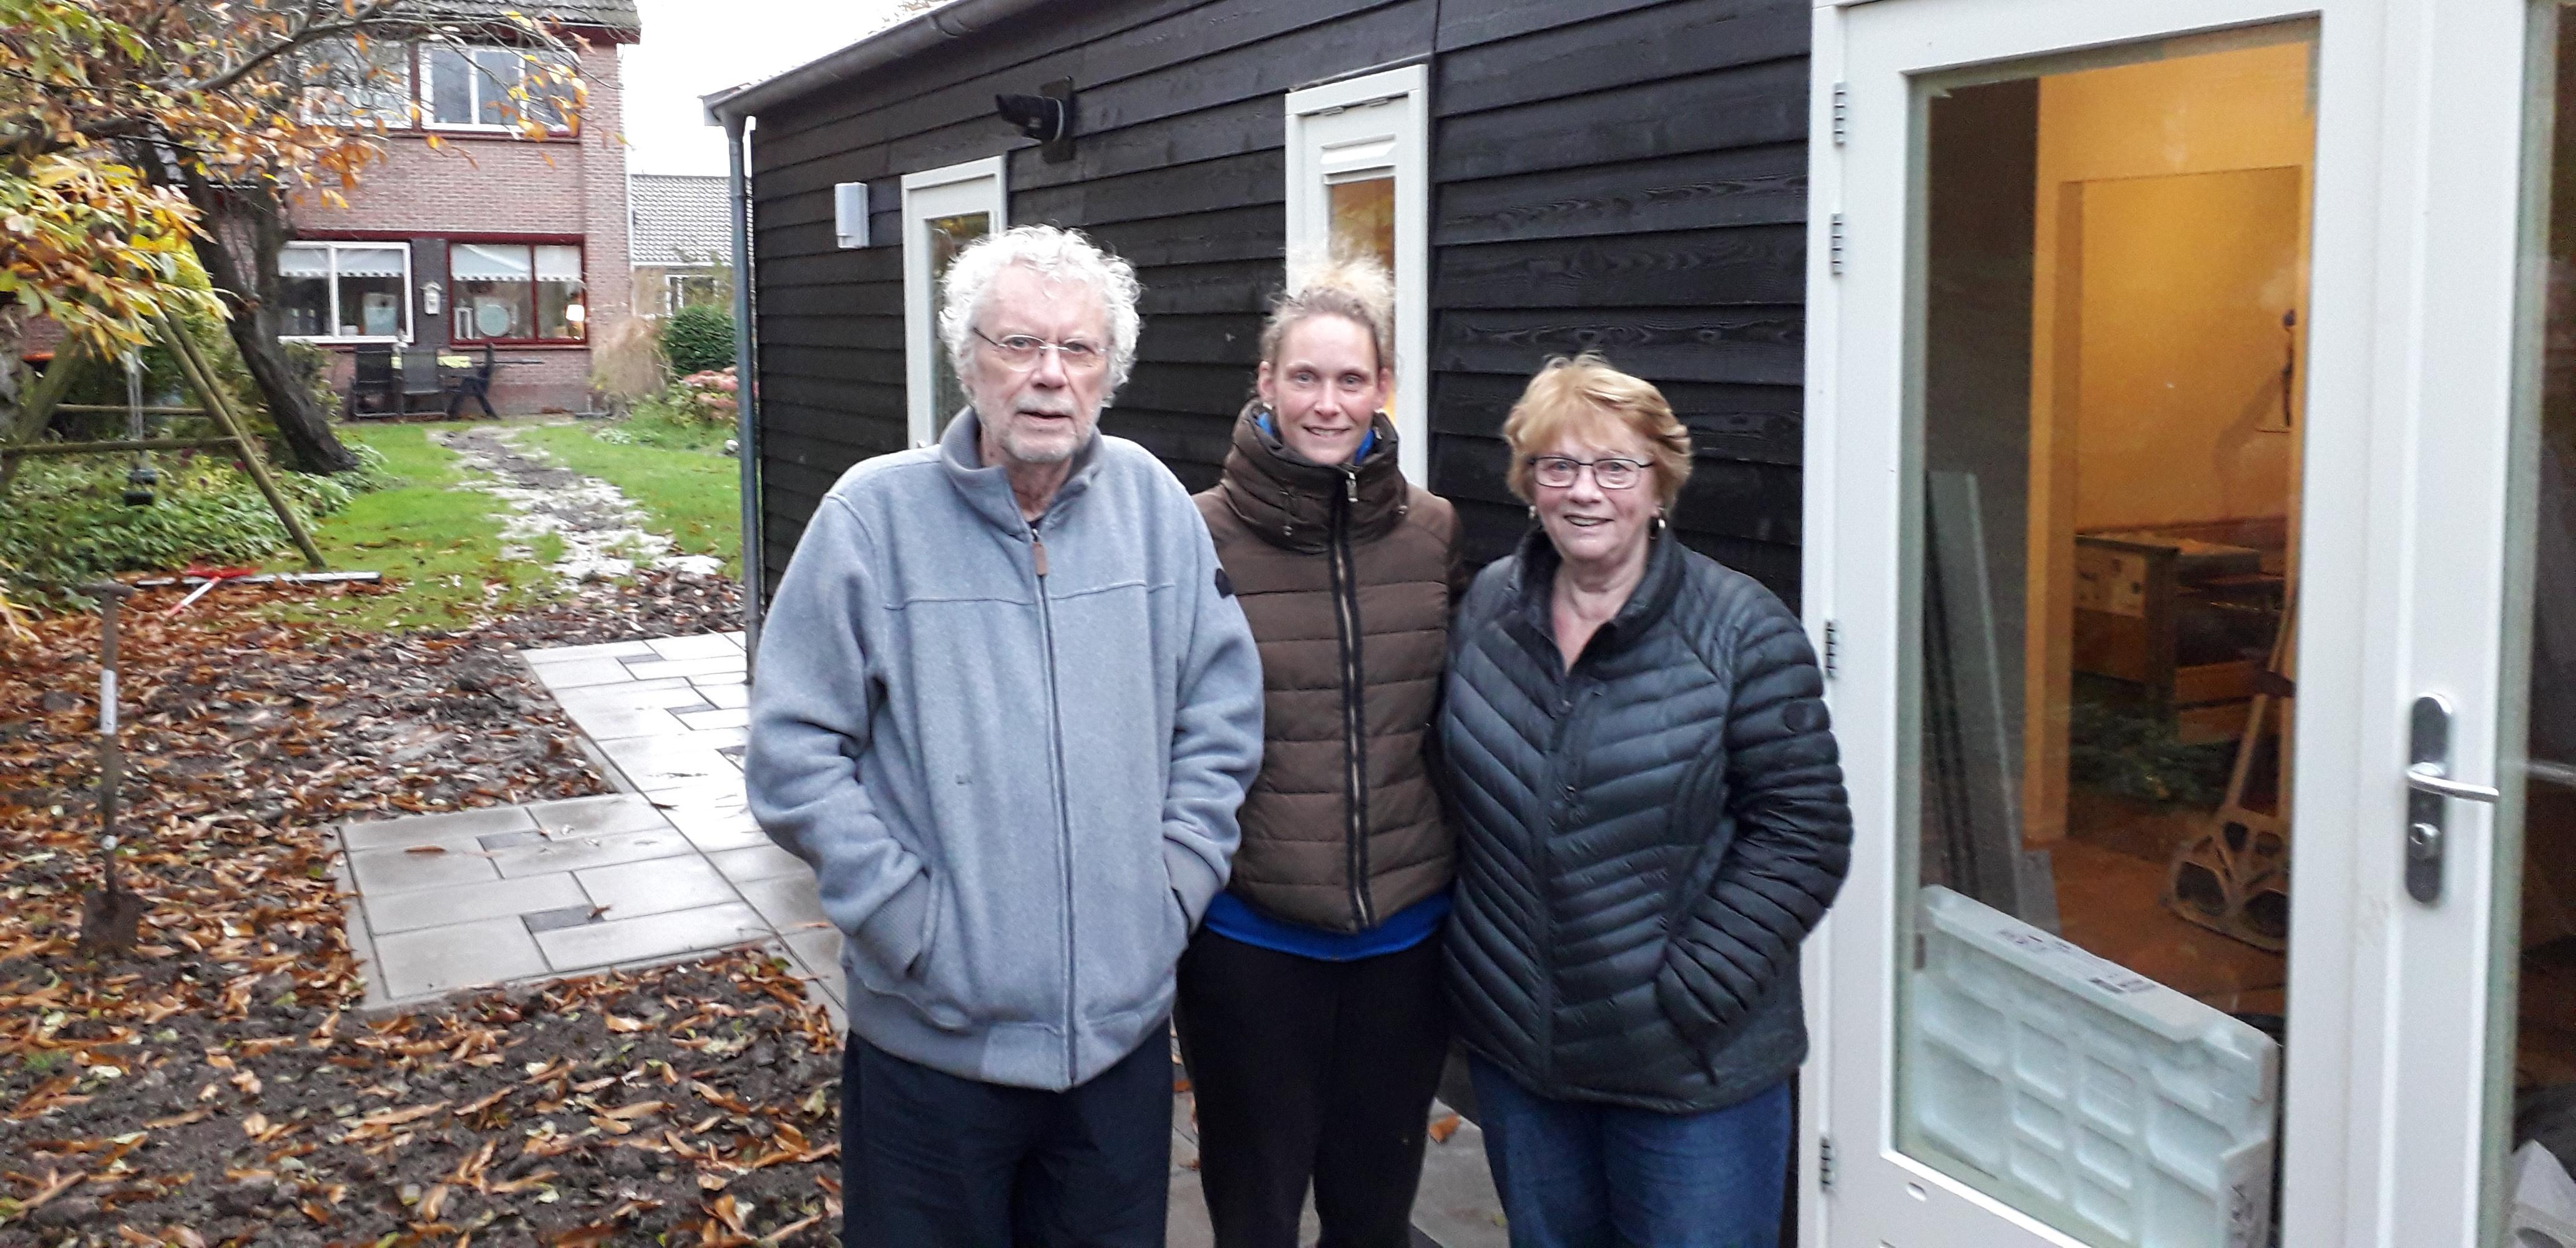 Familie Weinberg is dolblij met extra huis voor ouders in de achtertuin